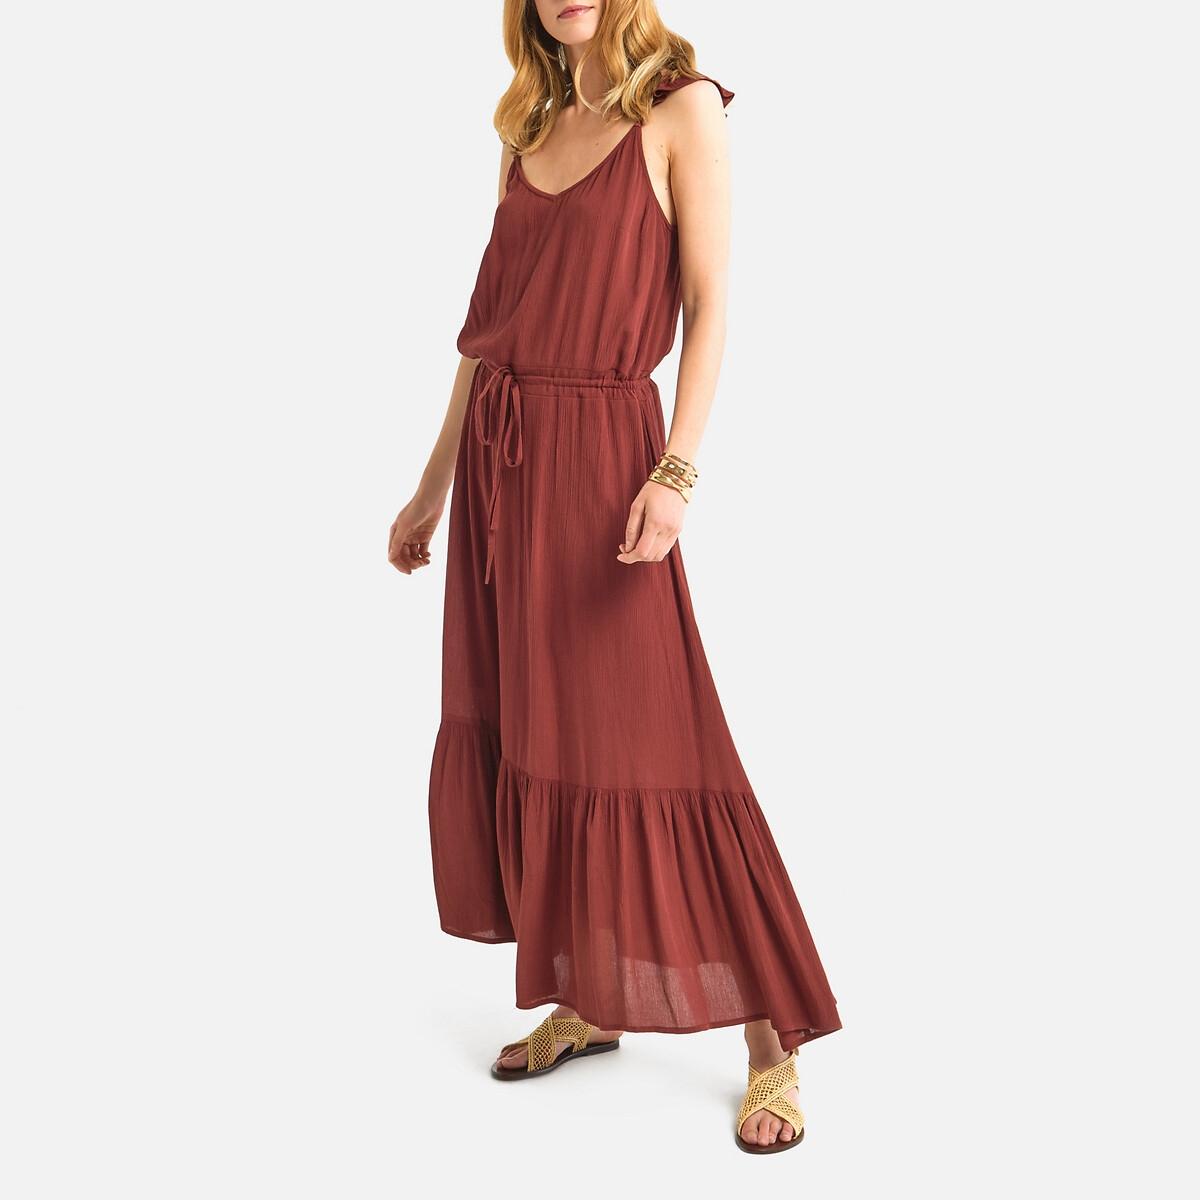 Платье La Redoute Длинное бретели с воланами 38 (FR) - 44 (RUS) каштановый